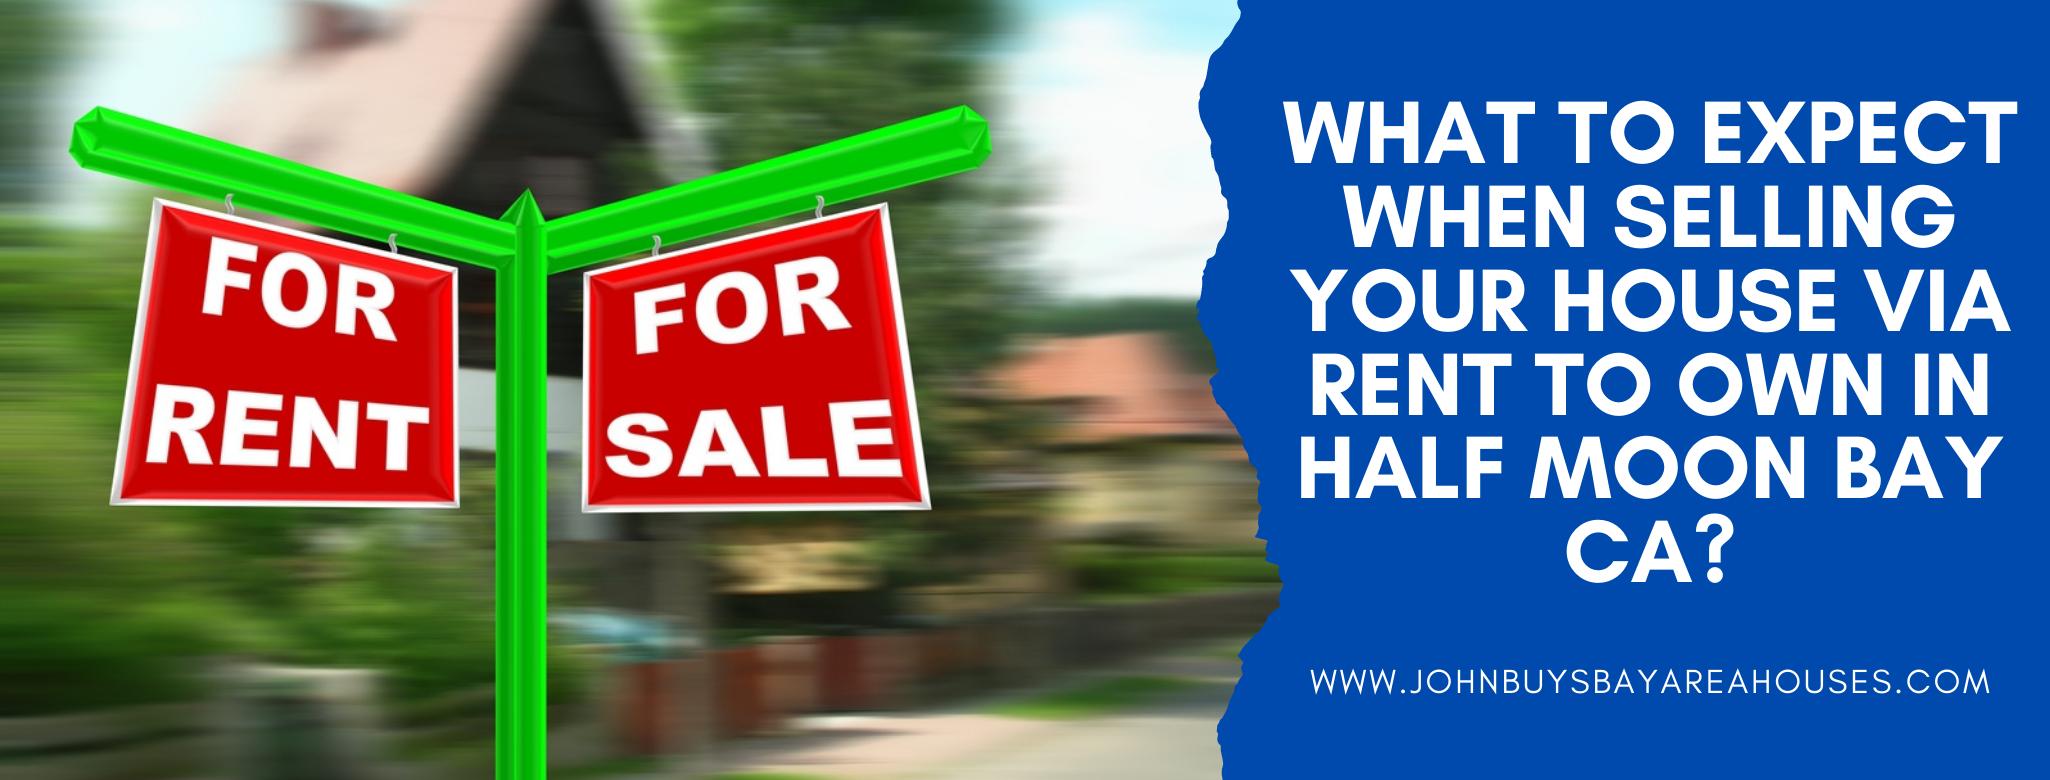 We buy properties in Half Moon Bay CA